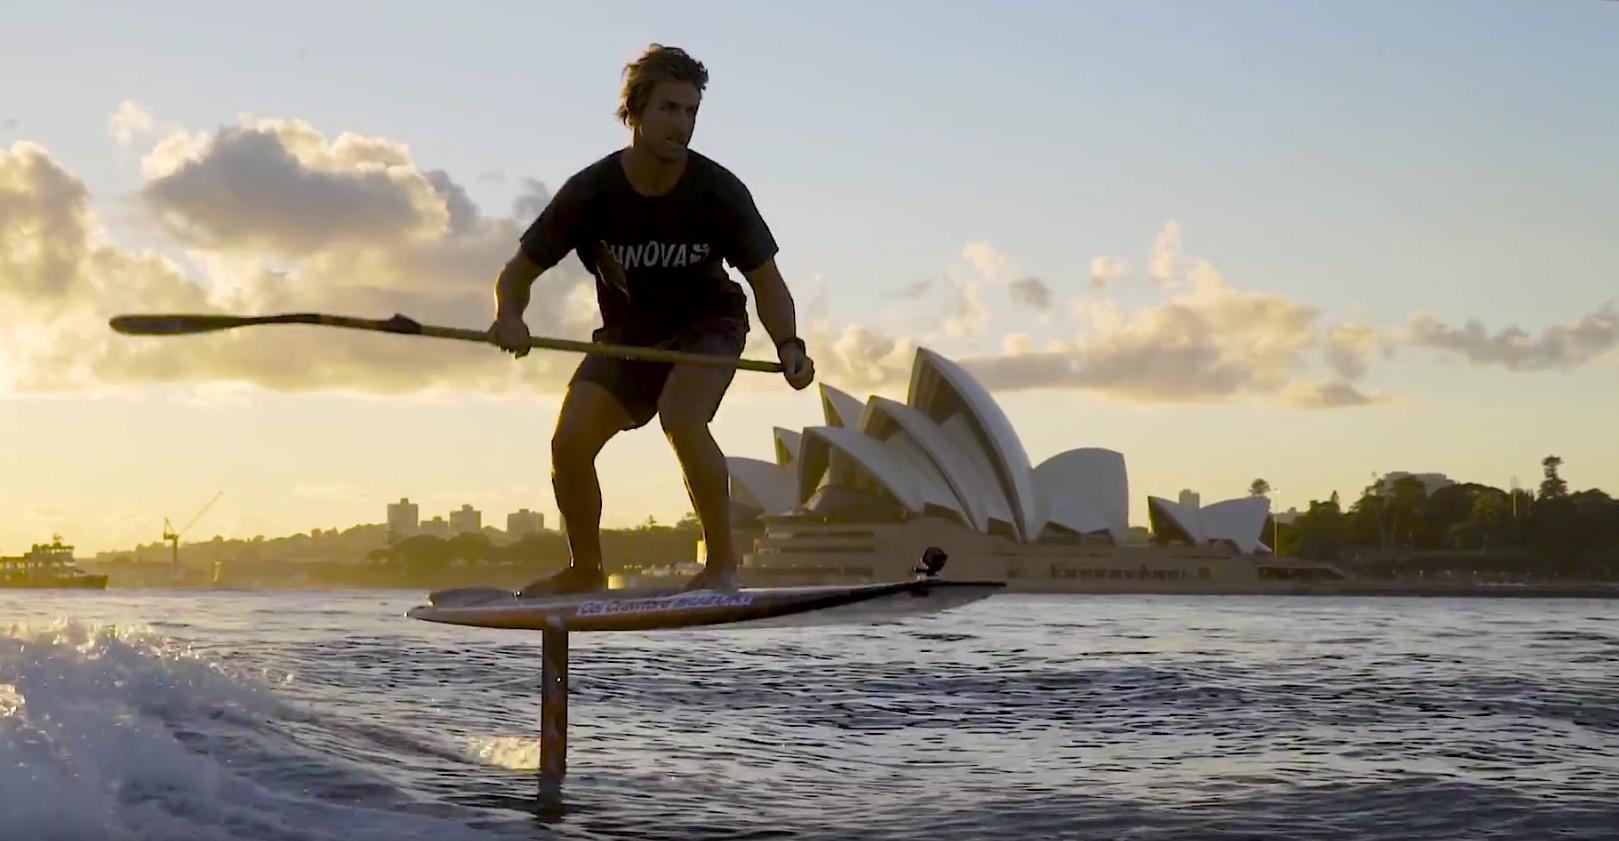 SUP foiling Sydney